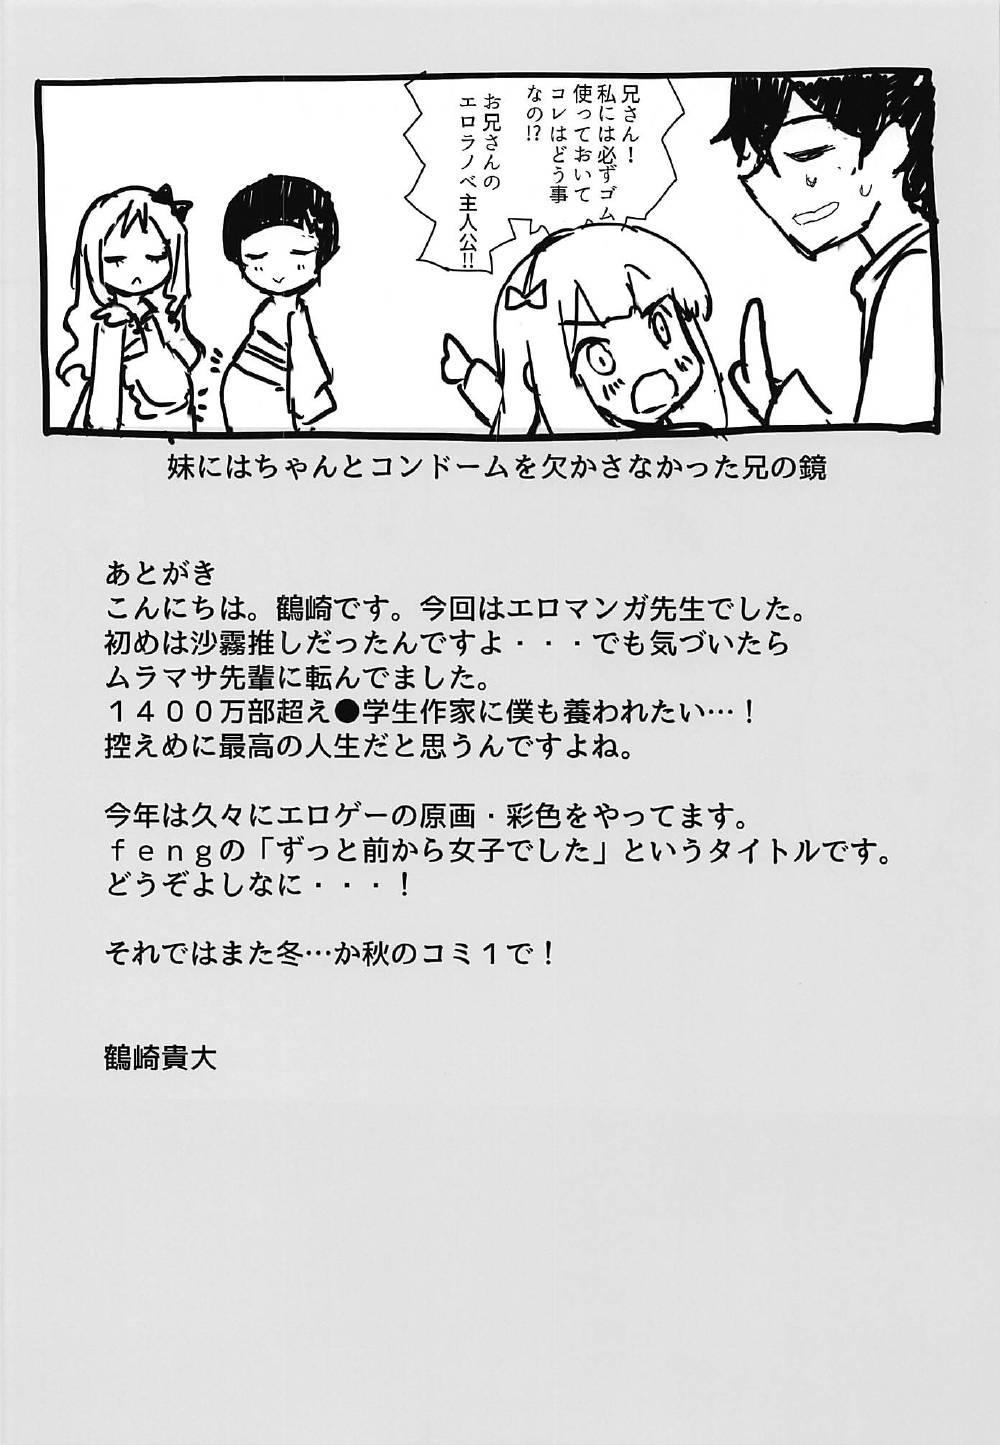 Harem Light Novel Sensei Dousei Kozukuri Sex 14